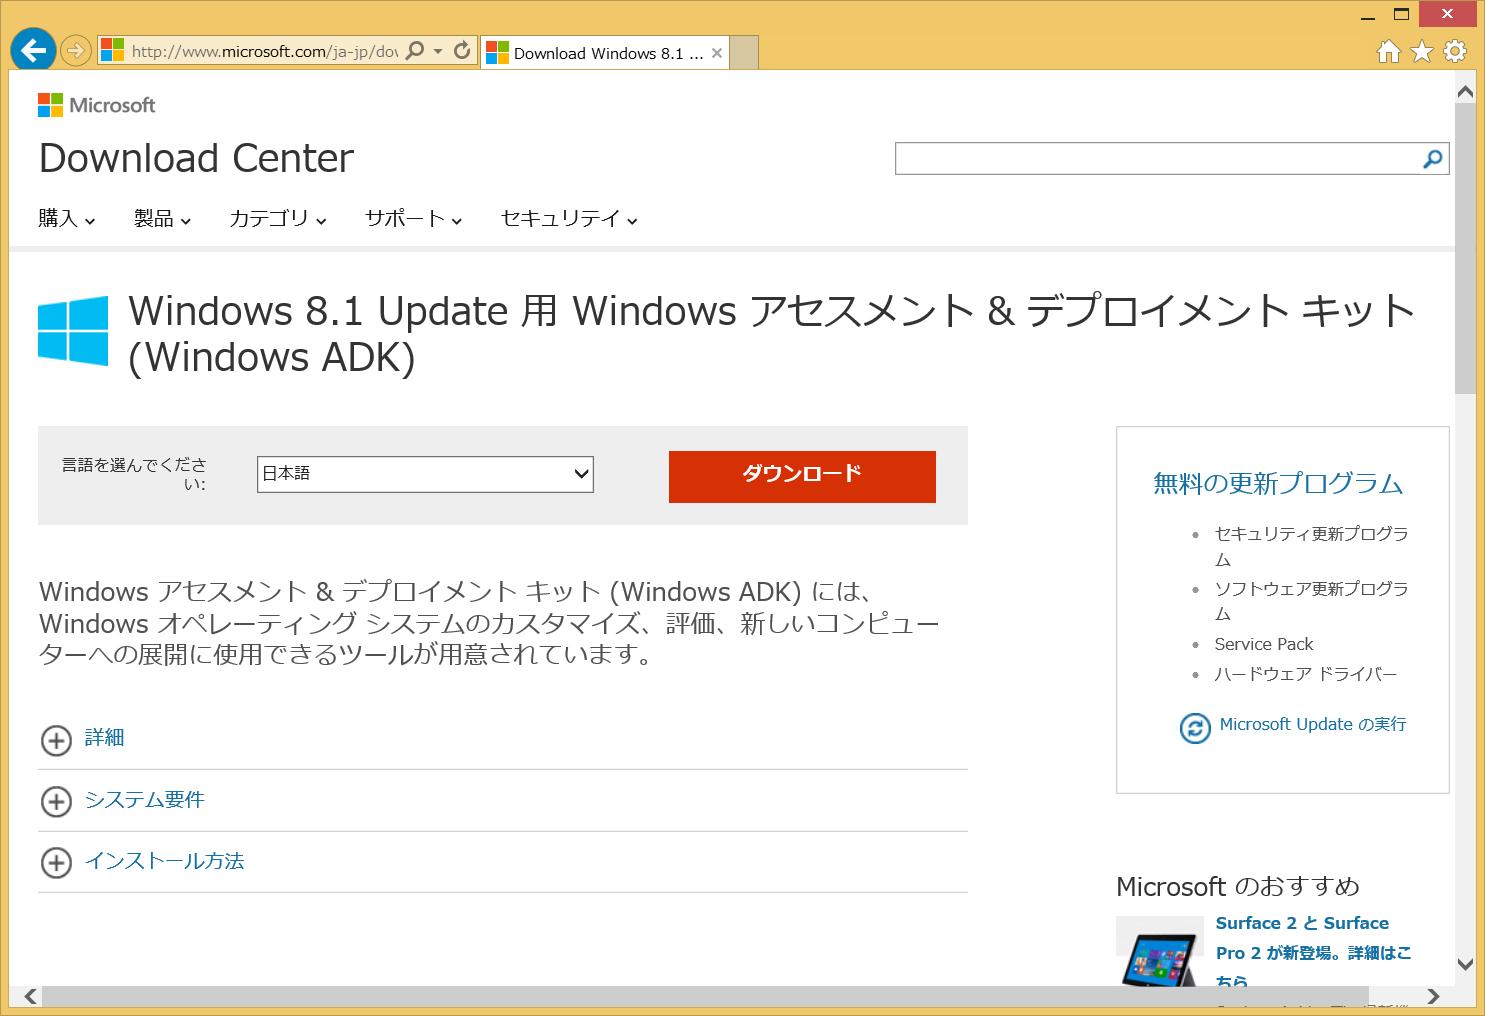 作業環境のベースとなるのはWindows AIK。すべてではなく、Deployment ToolsとWindows プレインストール環境 (Windows PE)をインスト-ルすればOK